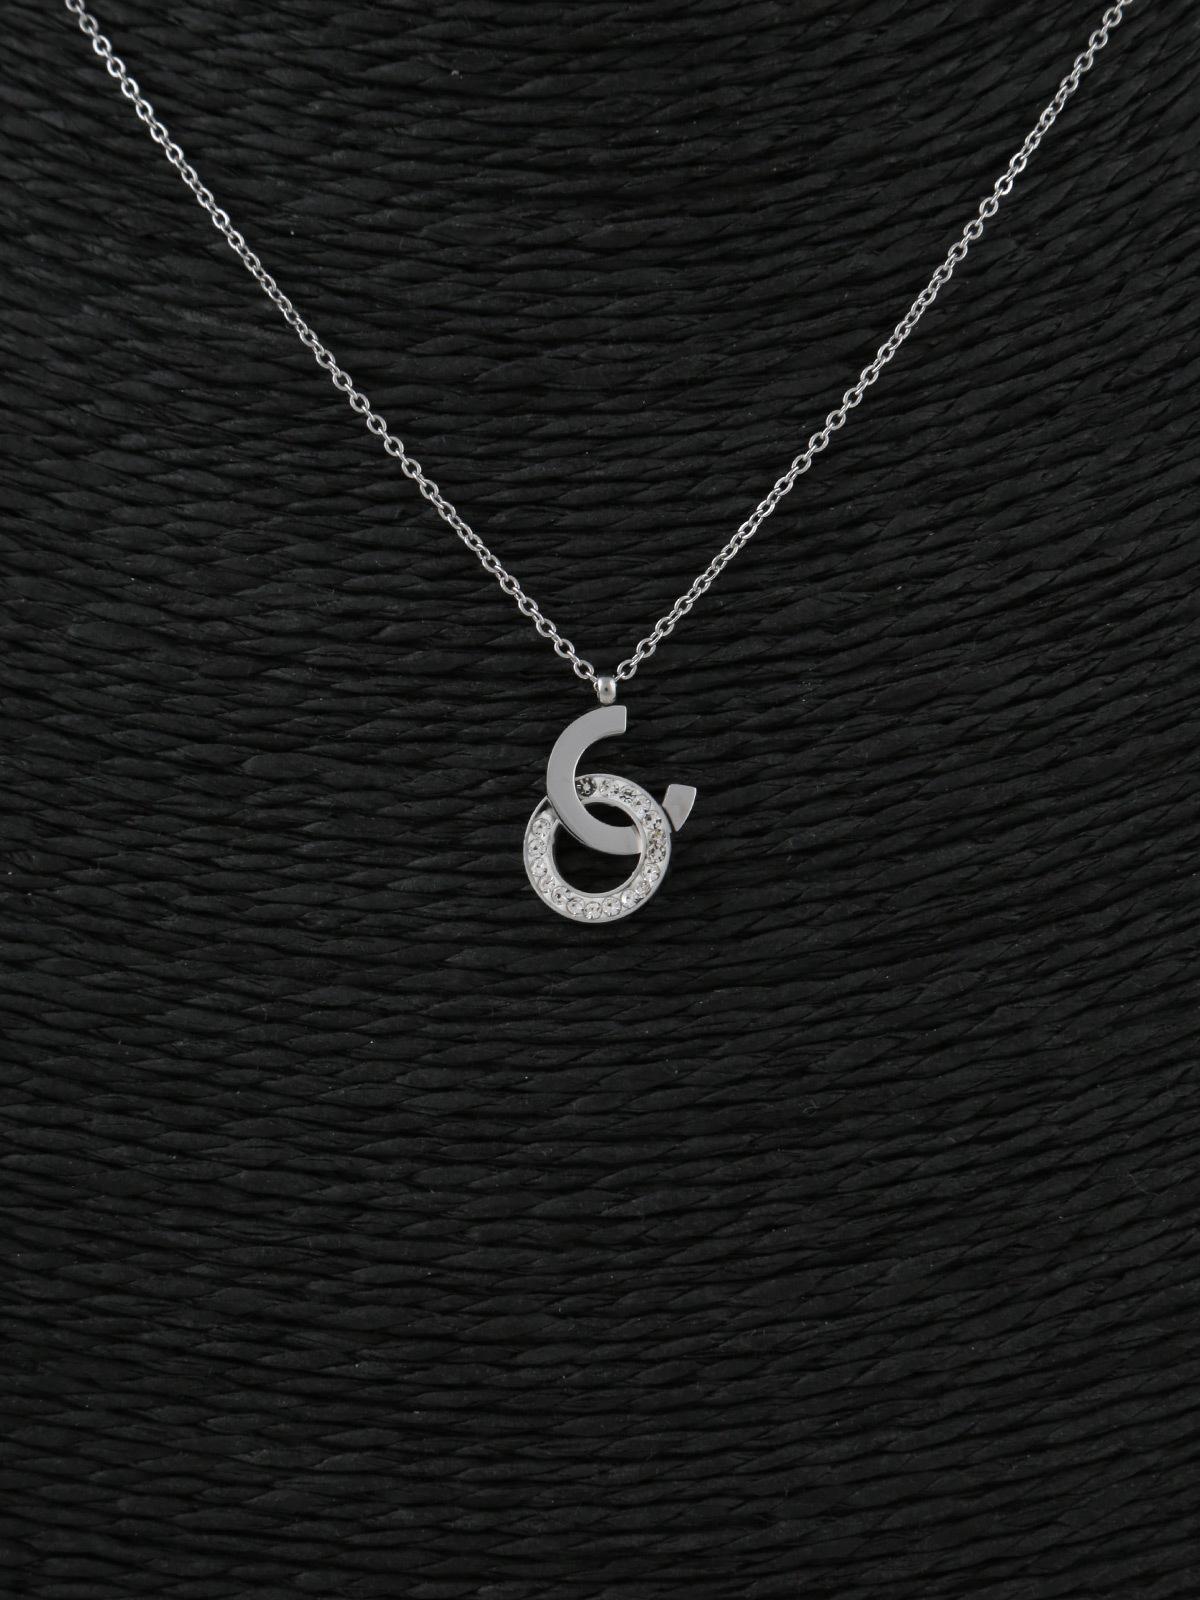 nuovi prodotti caldi alta moda Miglior prezzo Collana argento sottile con strass solada | MecShopping